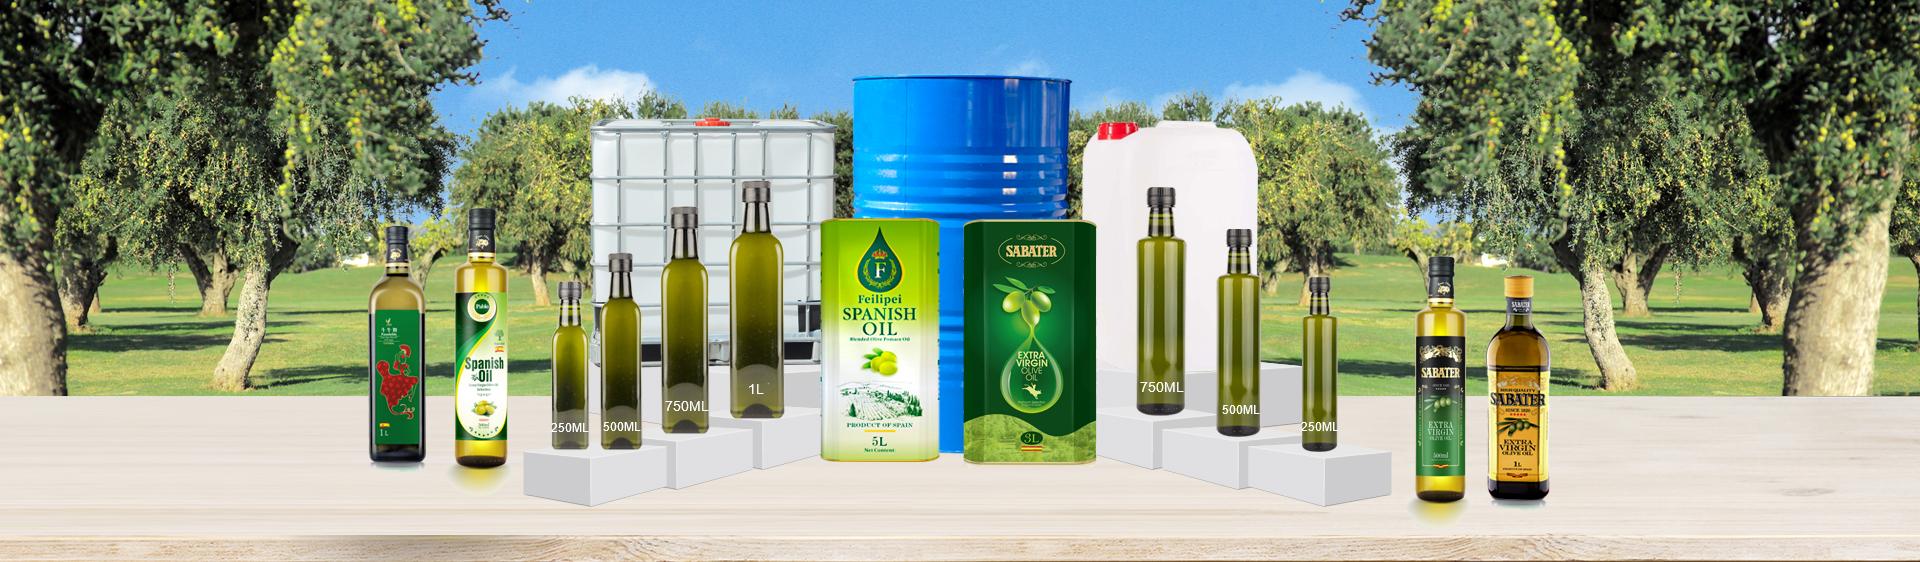 维圣橄榄油内页广告700